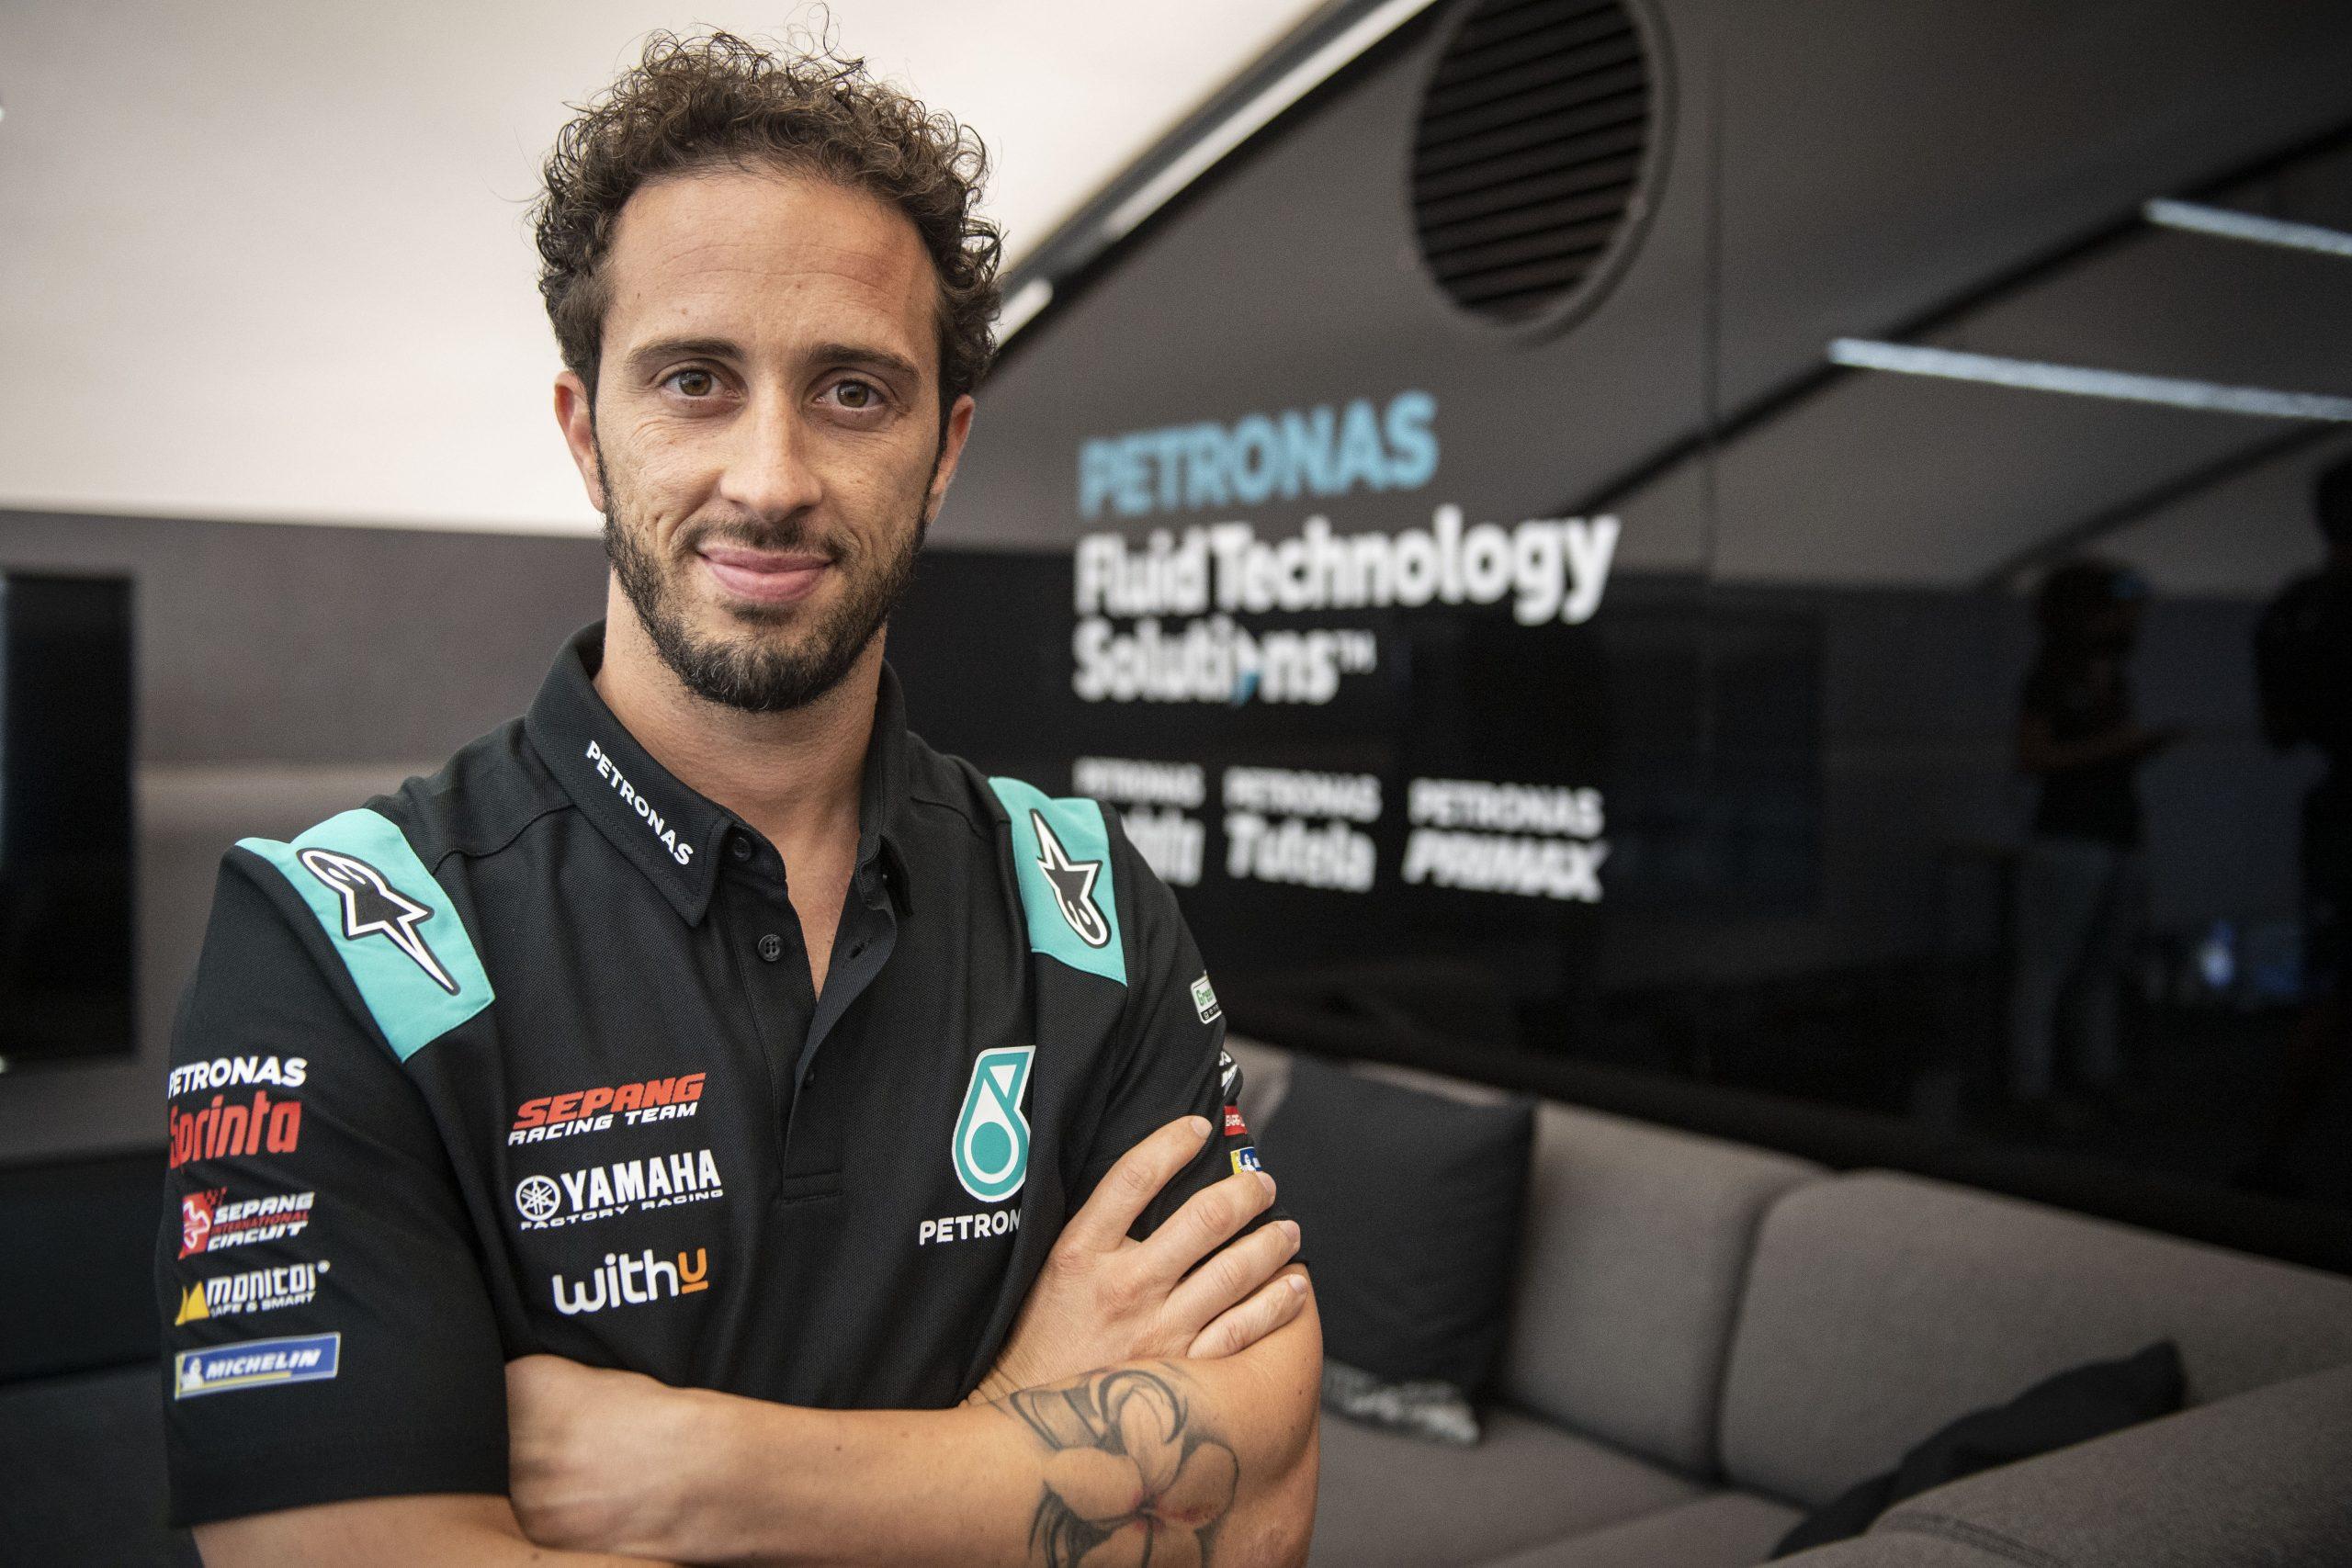 Movimiento en Yamaha. Morbidelli al oficial y Dovizioso al Petronas